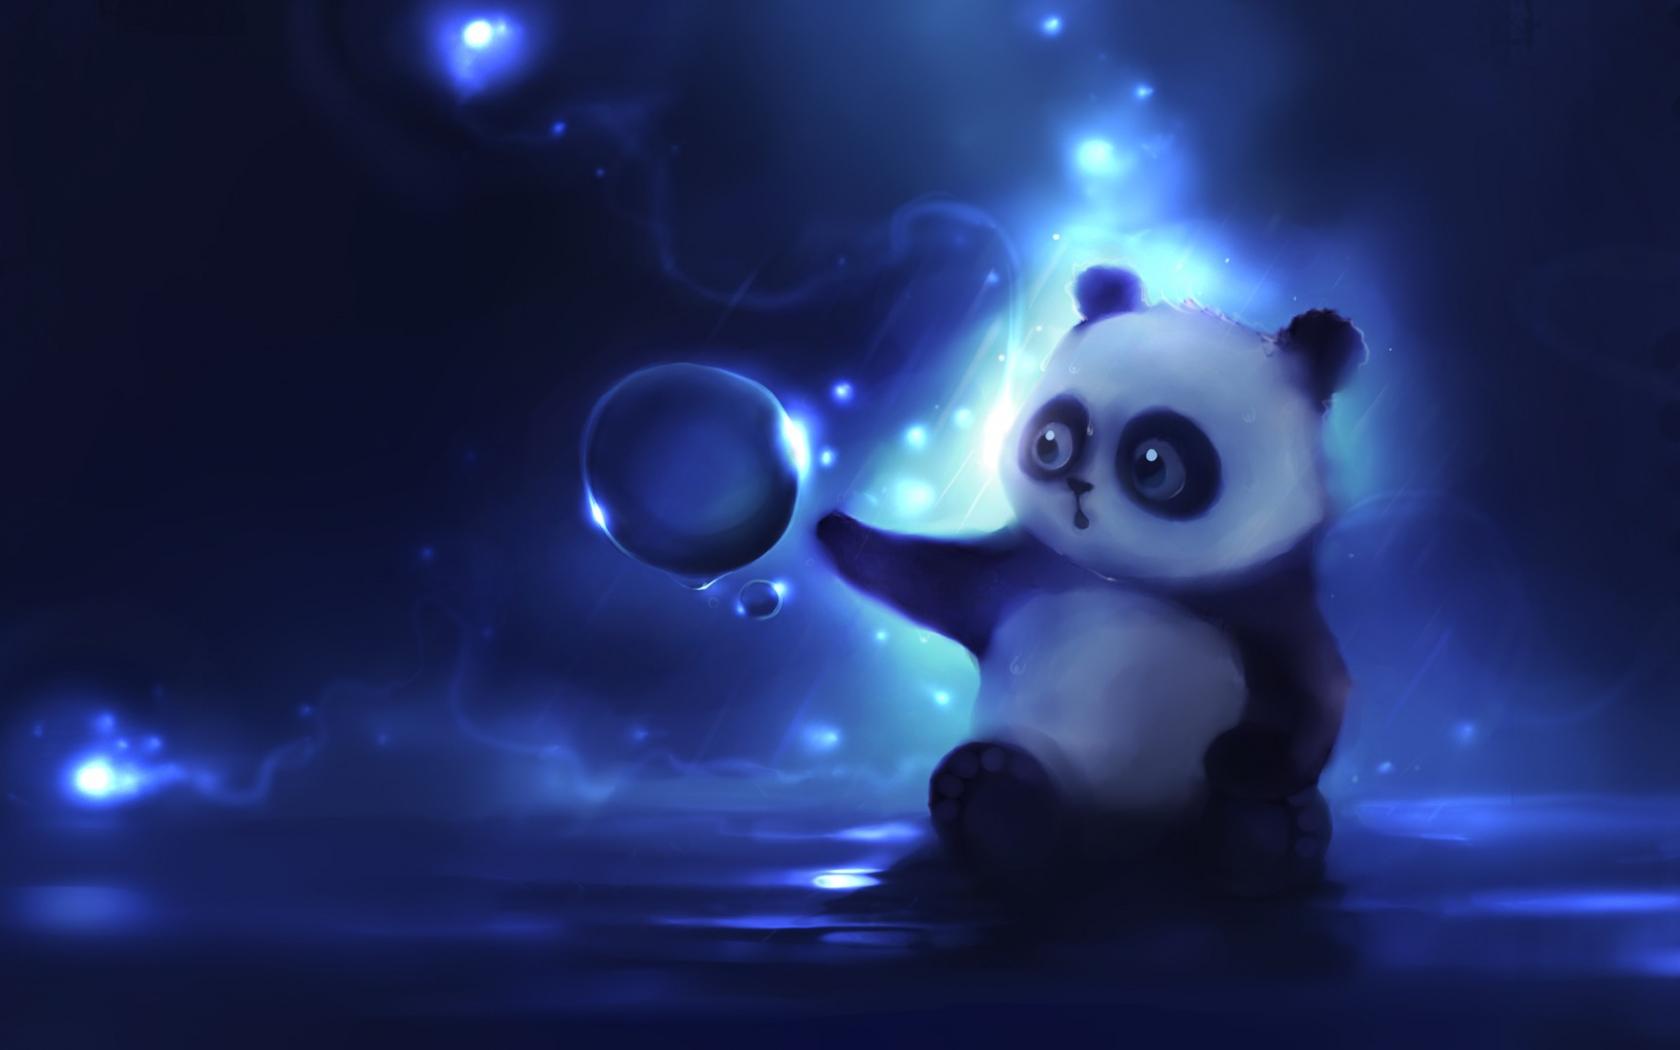 Free Download Panda Cartoon Cute Wallpapers 1862 Wallpaper Cool Walldiskpapercom 1920x1080 For Your Desktop Mobile Tablet Explore 70 Cartoon Panda Wallpaper Cute Panda Desktop Wallpaper Kung Fu Panda Wallpaper